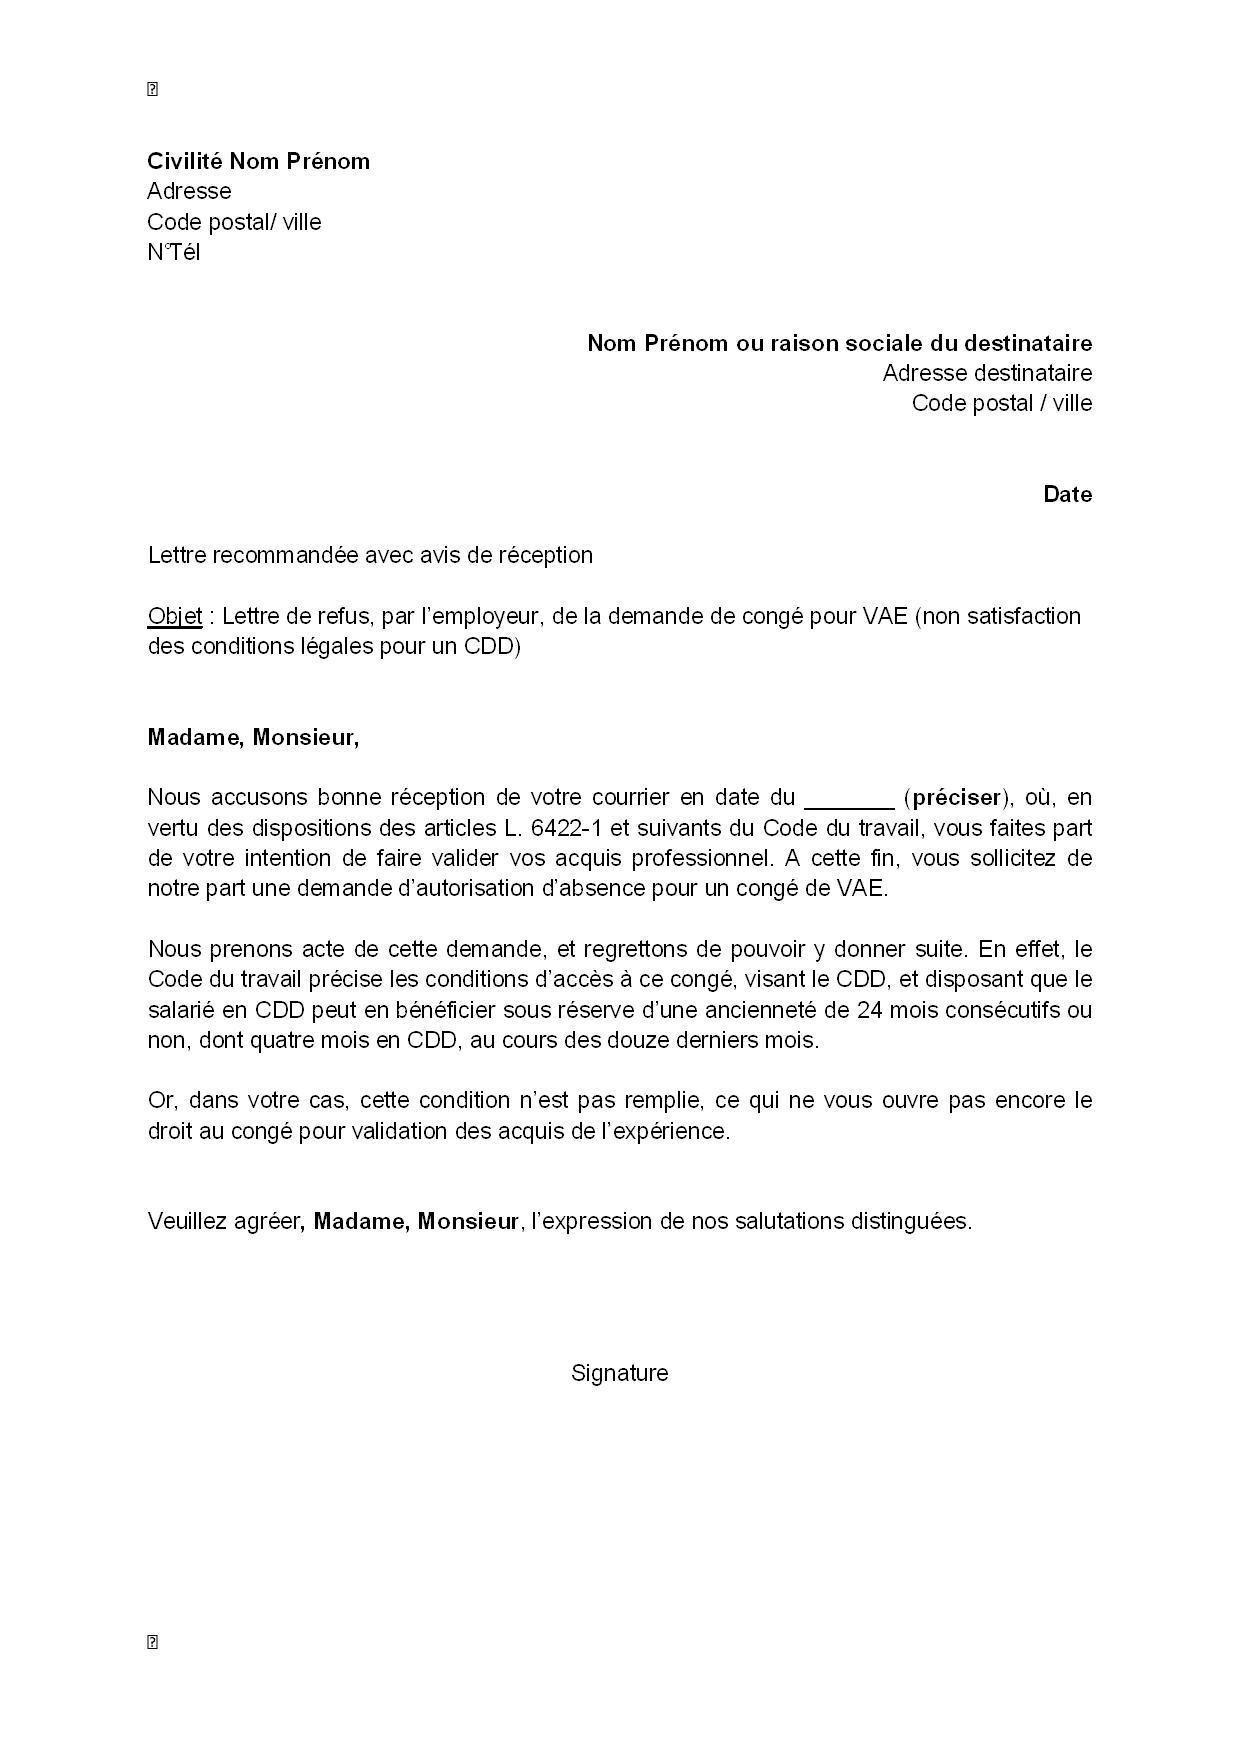 lettre de refus  par l u0026 39 employeur  de la demande pour cong u00e9